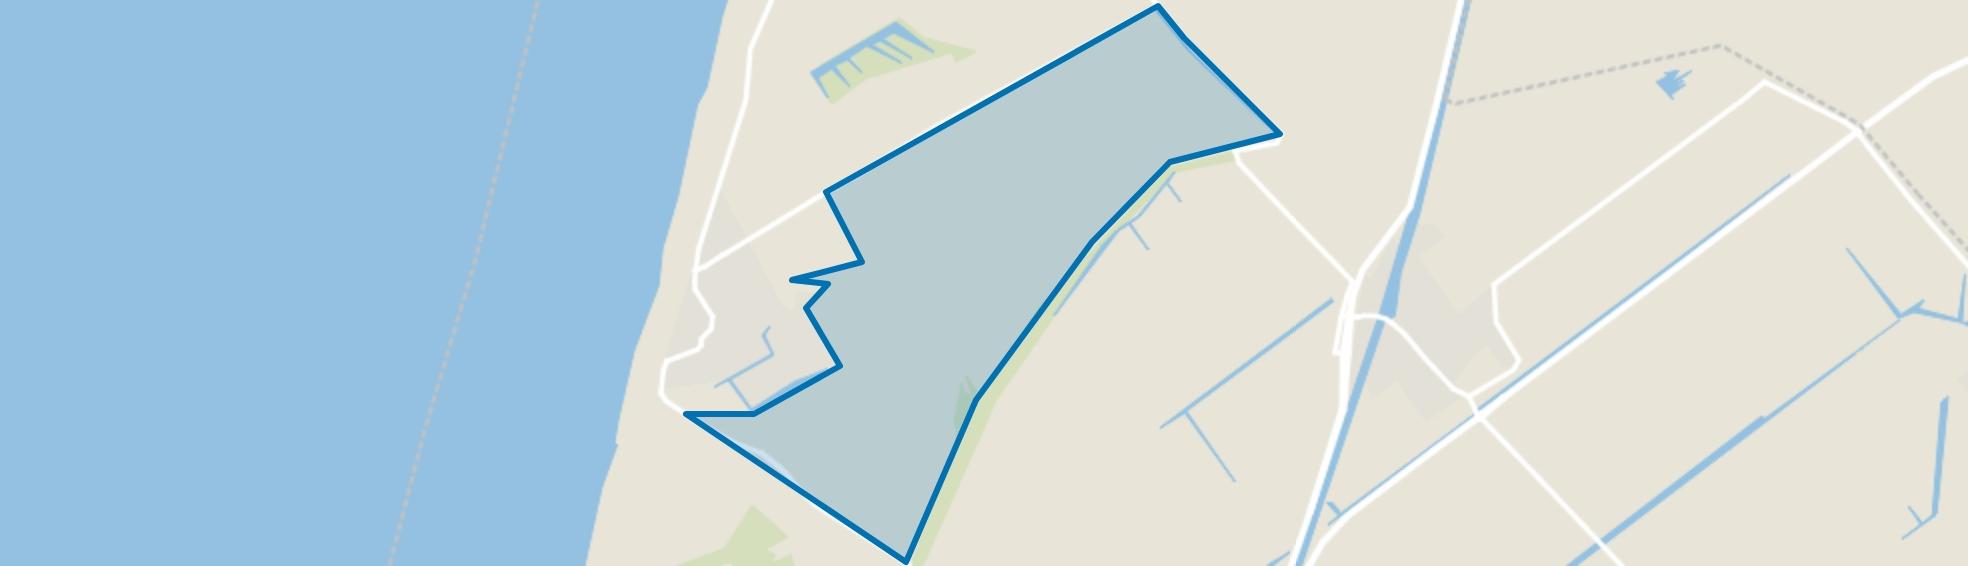 Buitengebied Callantsoog-Oost, Callantsoog map